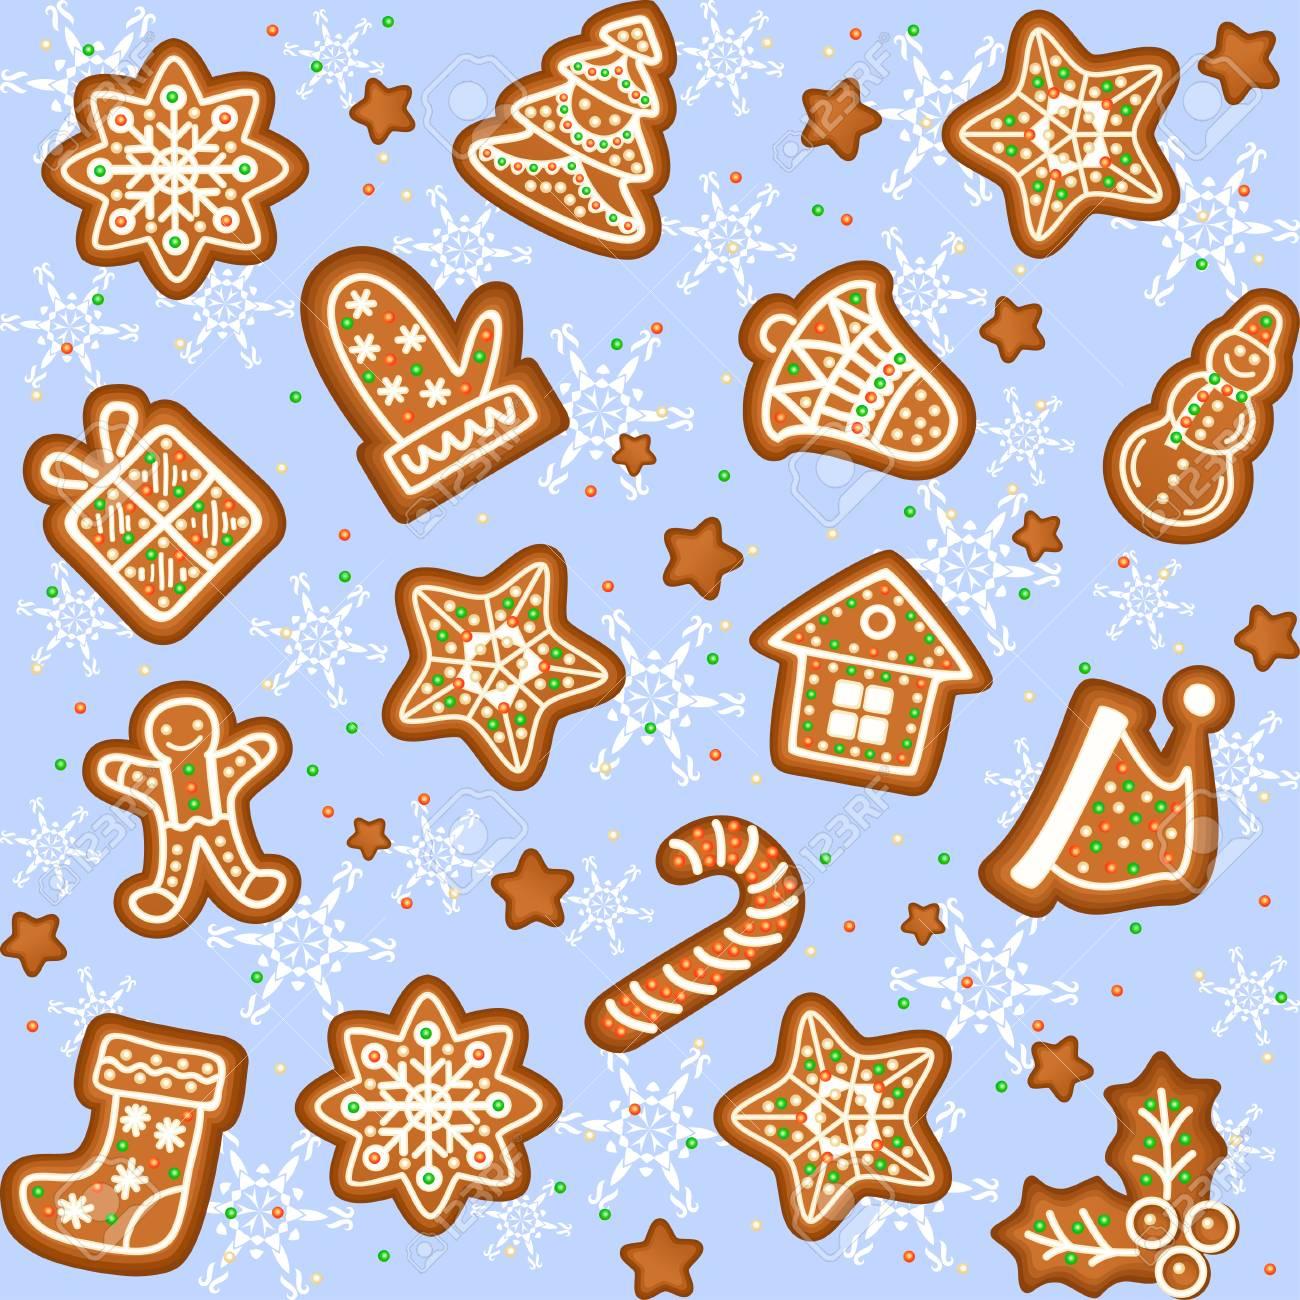 Weihnachtsplätzchen Clipart.Stock Photo